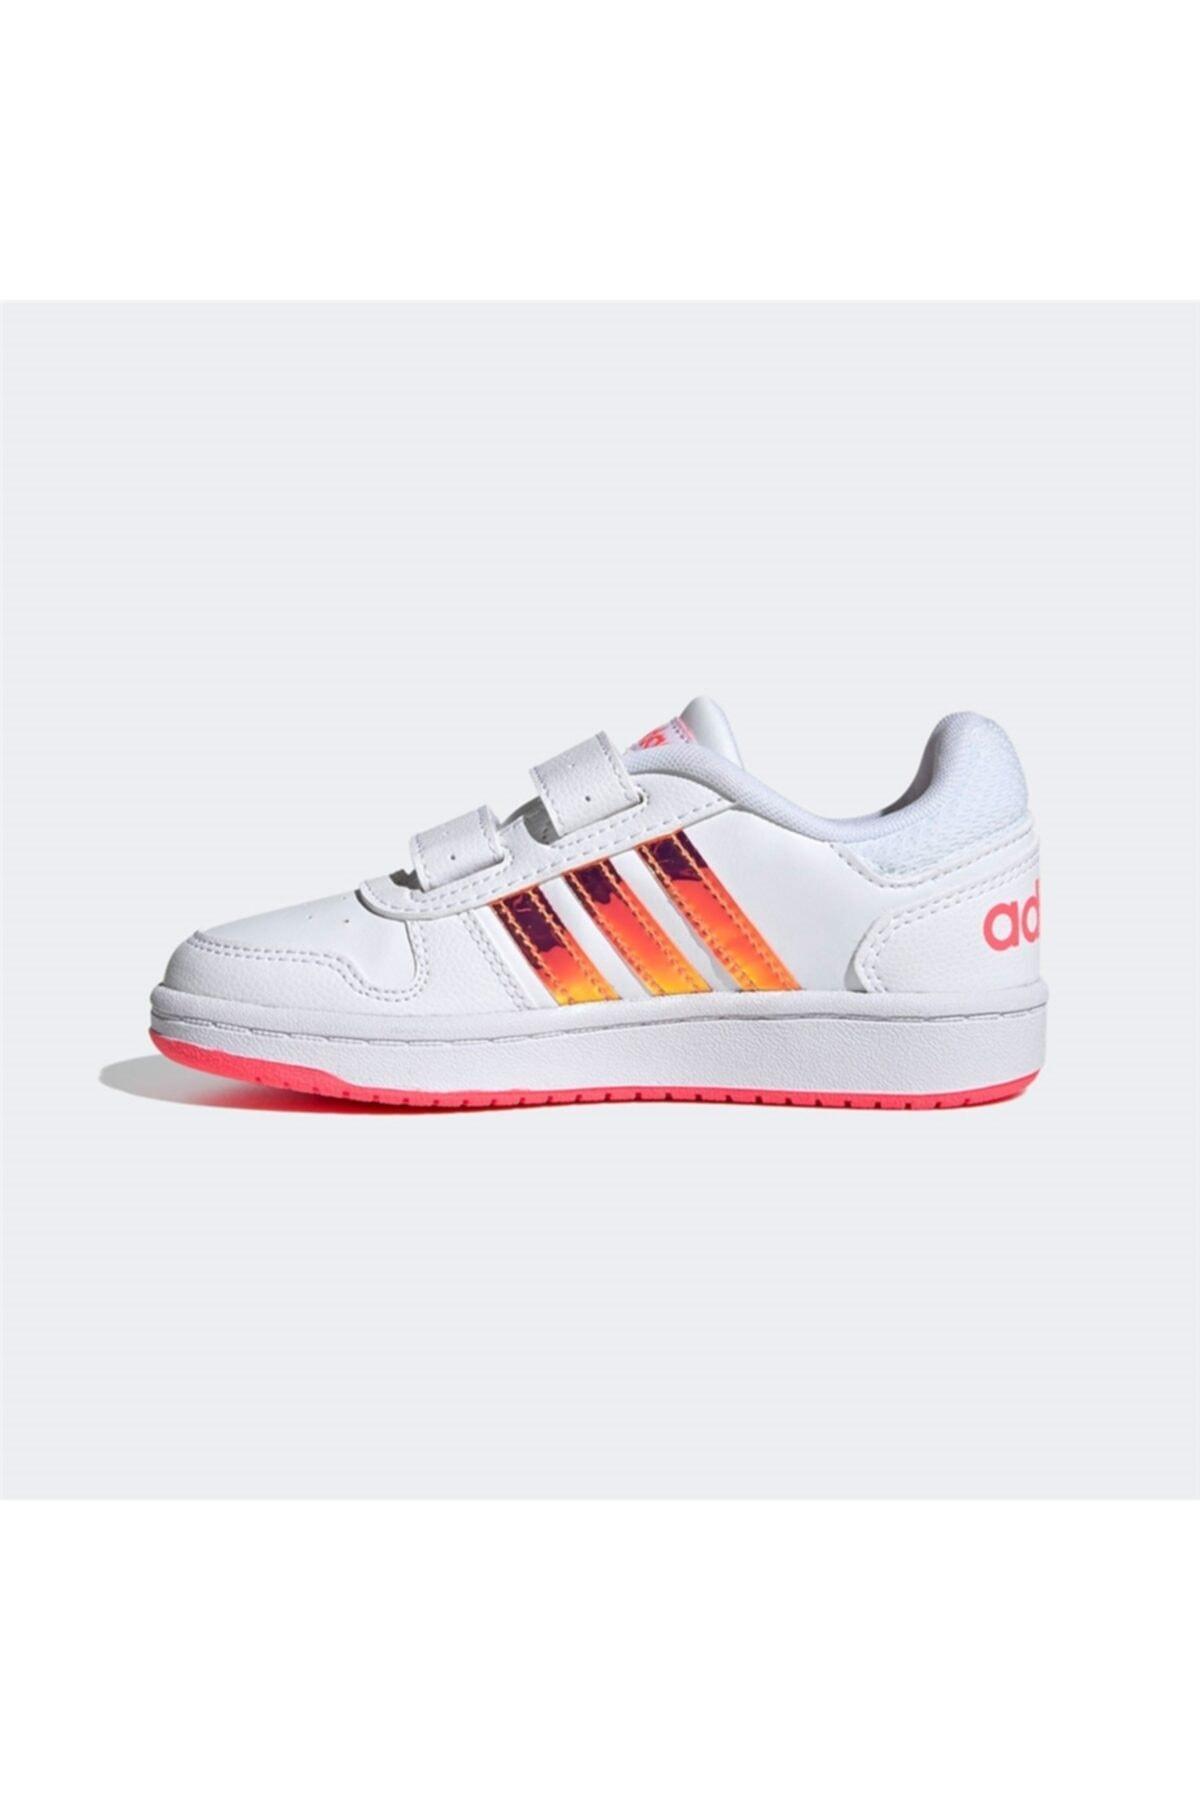 adidas HOOPS 2.0 CMF C Beyaz Kız Çocuk Sneaker Ayakkabı 100663752 2